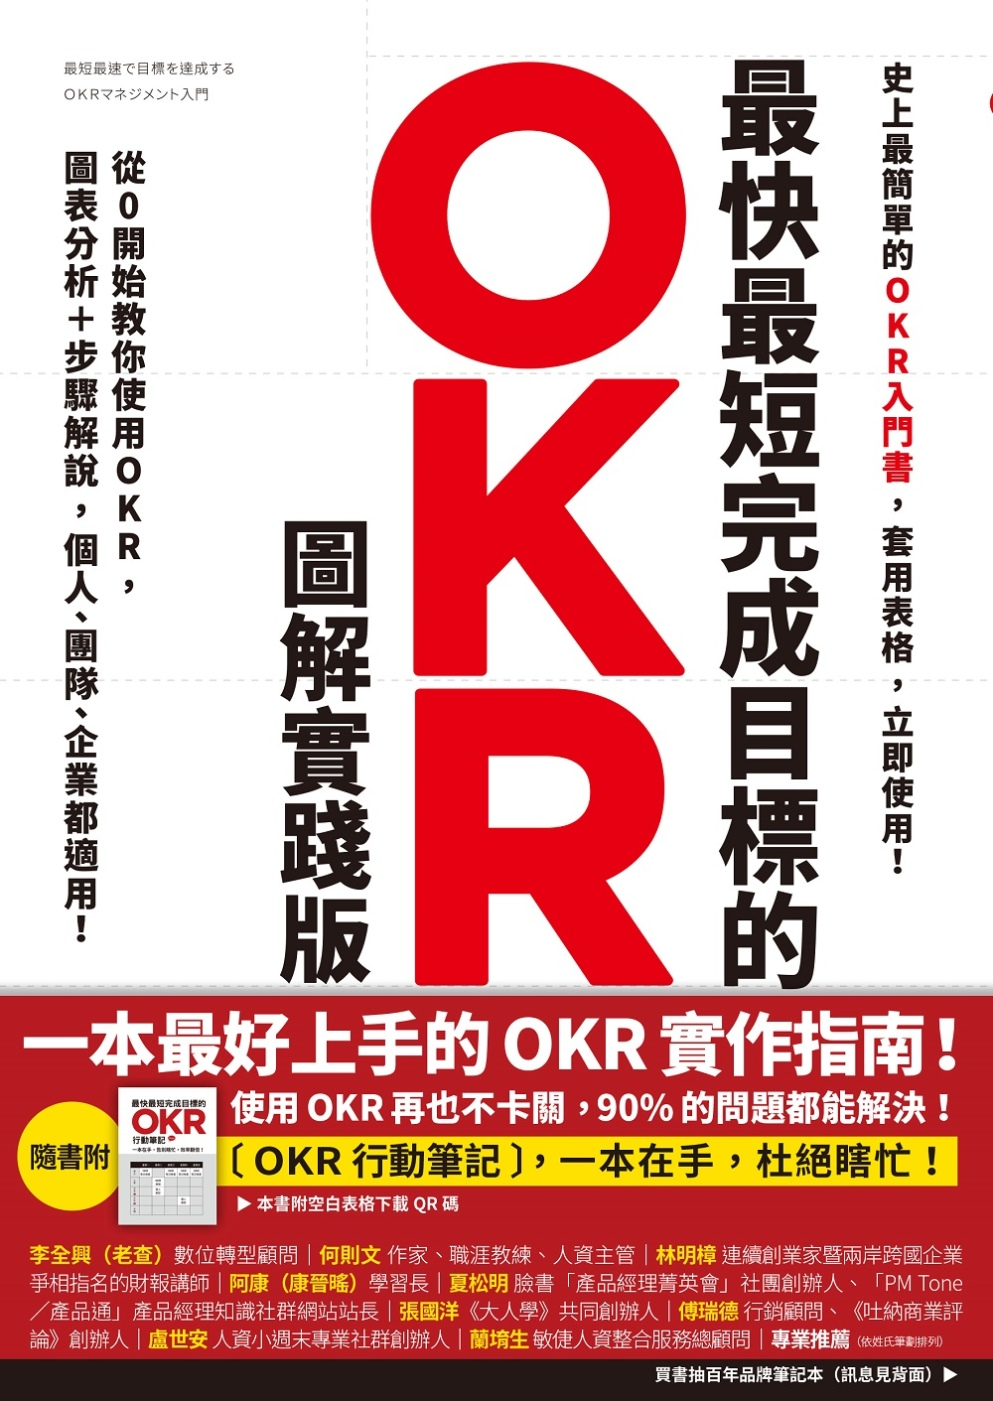 最快最短完成目標的OKR【圖解實踐版】:從0開始教你使用OKR,圖表分析+步驟解說,個人、團隊、企業都適用!(隨書送「OKR行動筆記」,杜絕瞎忙,效率翻倍)